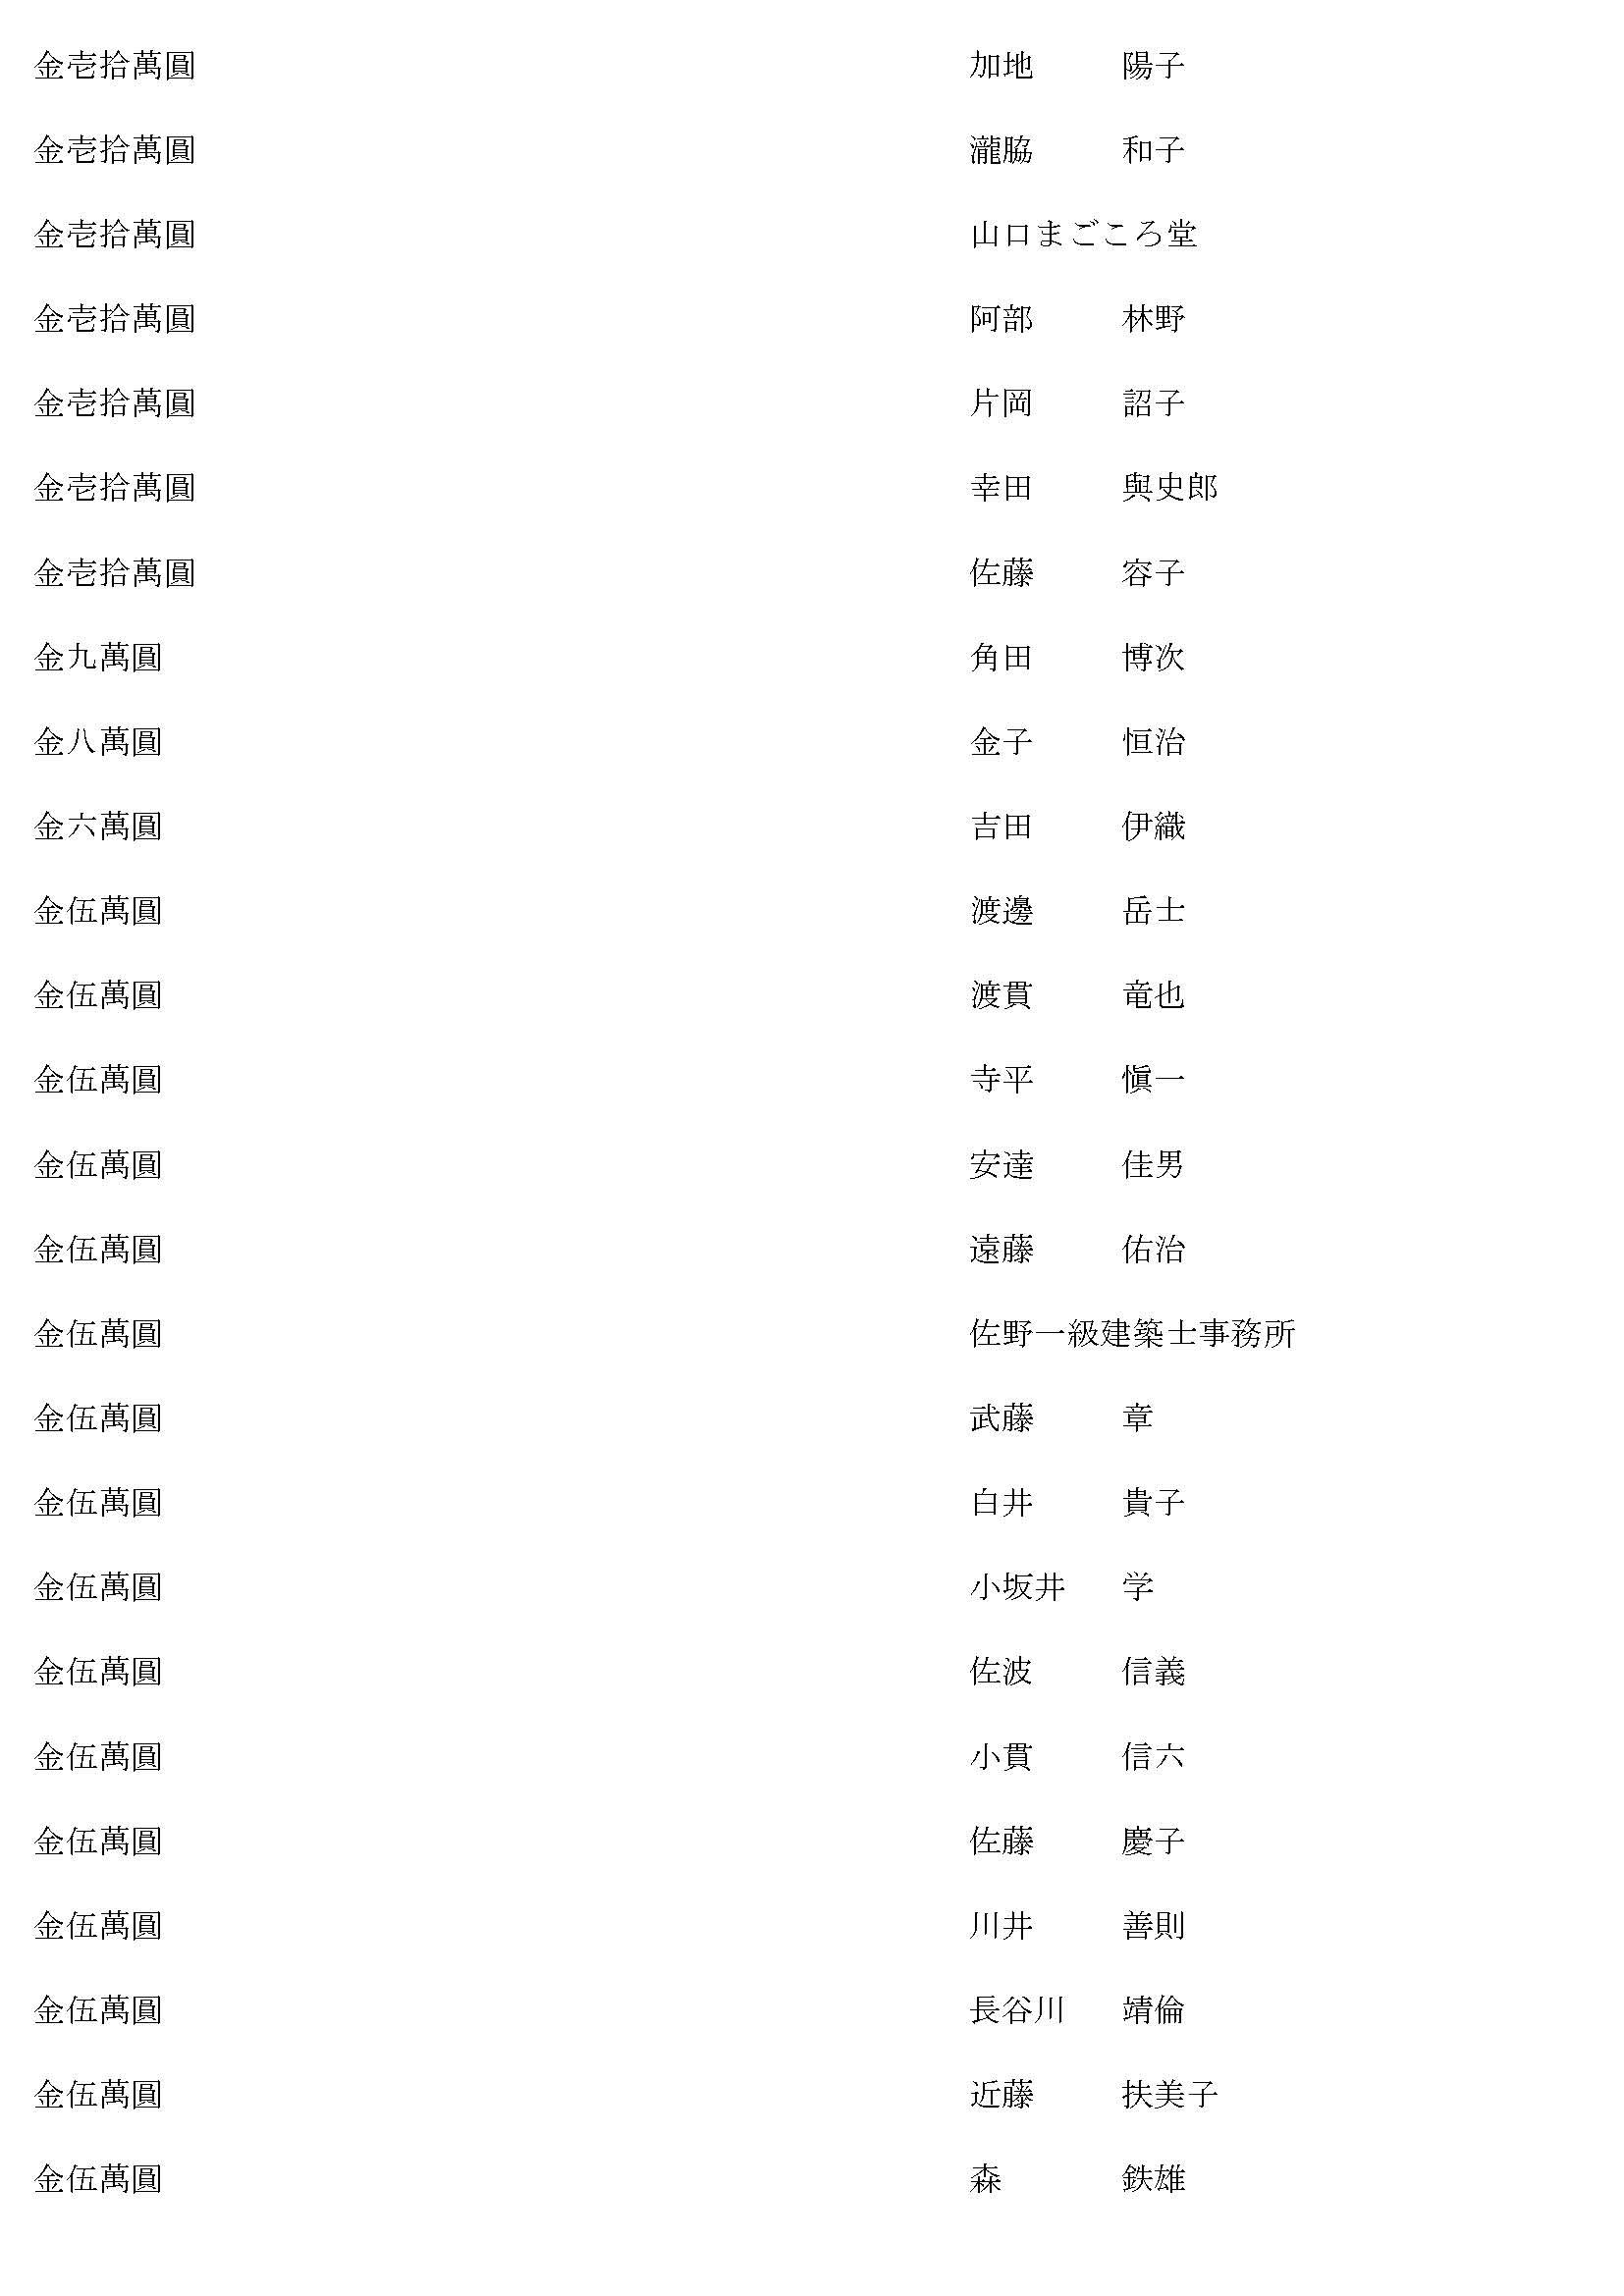 御鎮座七百年記念事業奉賛者御芳名簿5